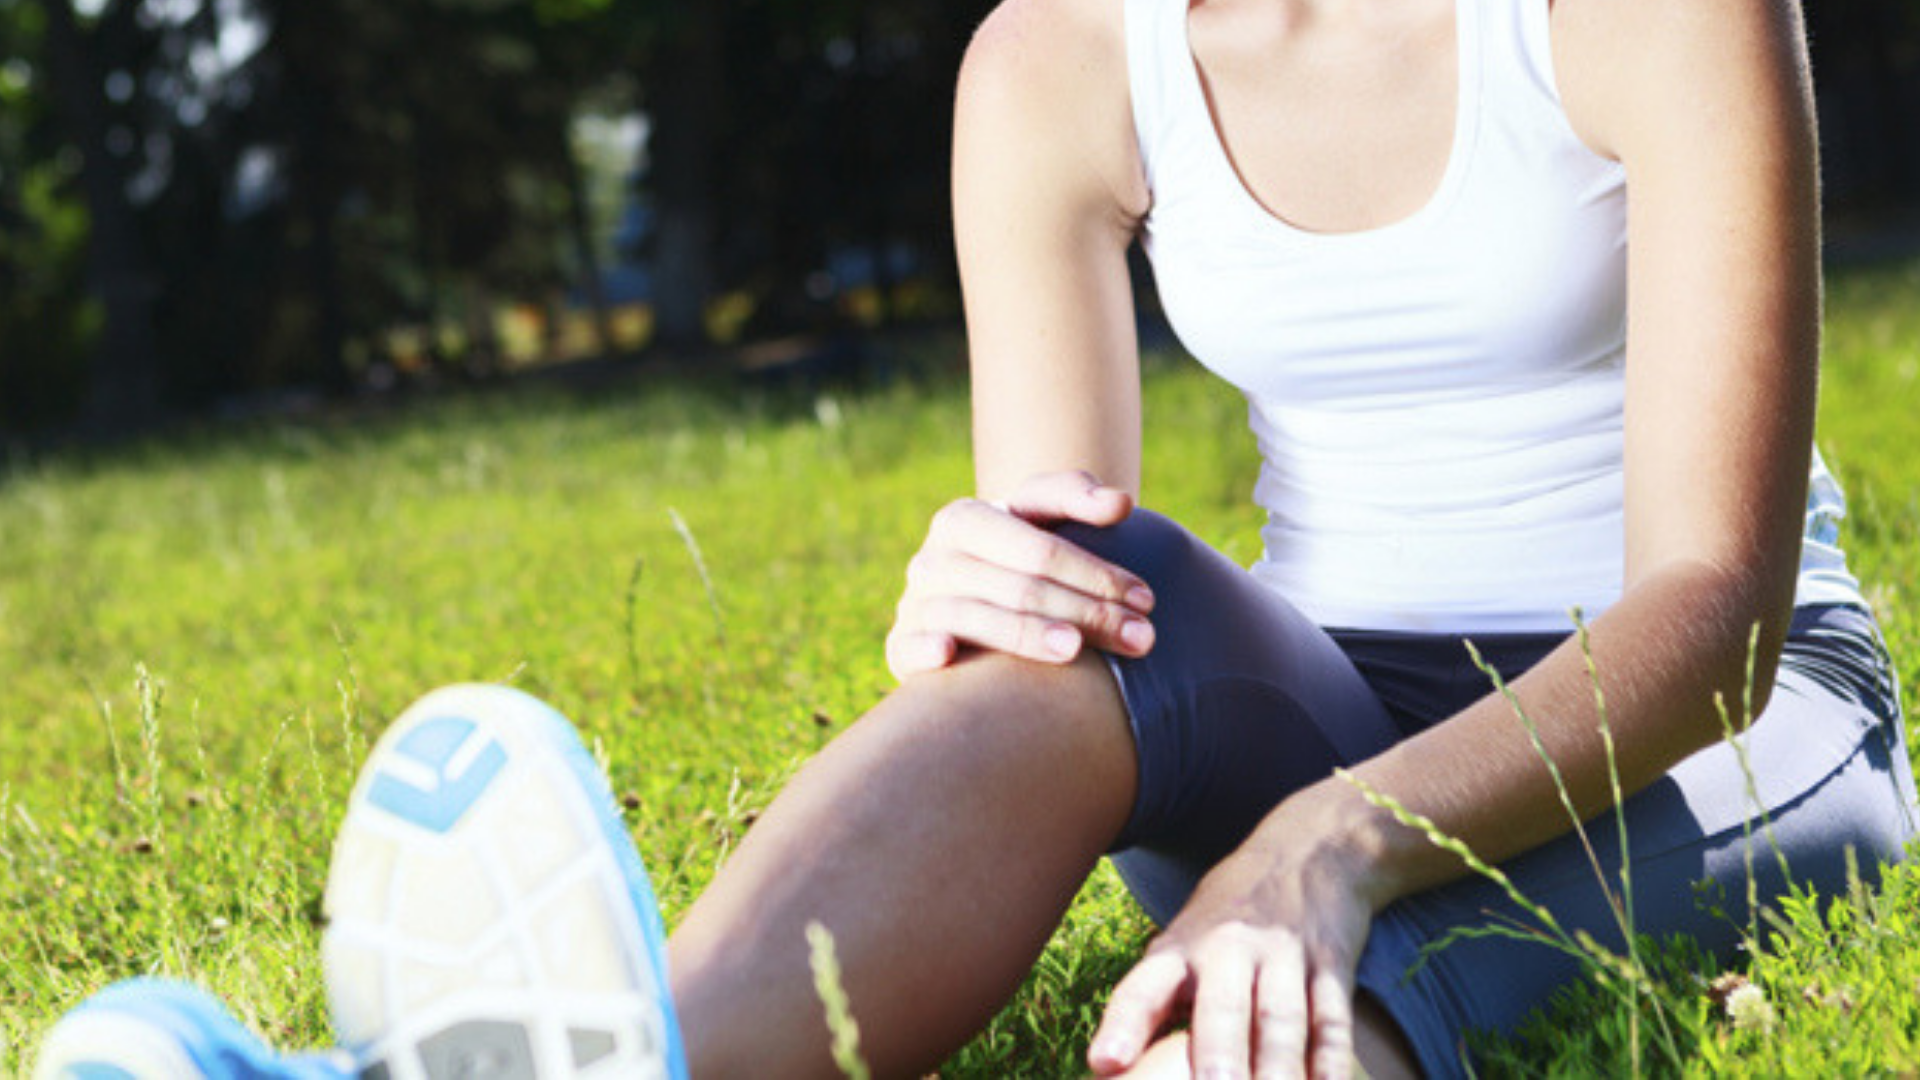 Як тренуватися, якщо болять коліна: топ-10 вправ